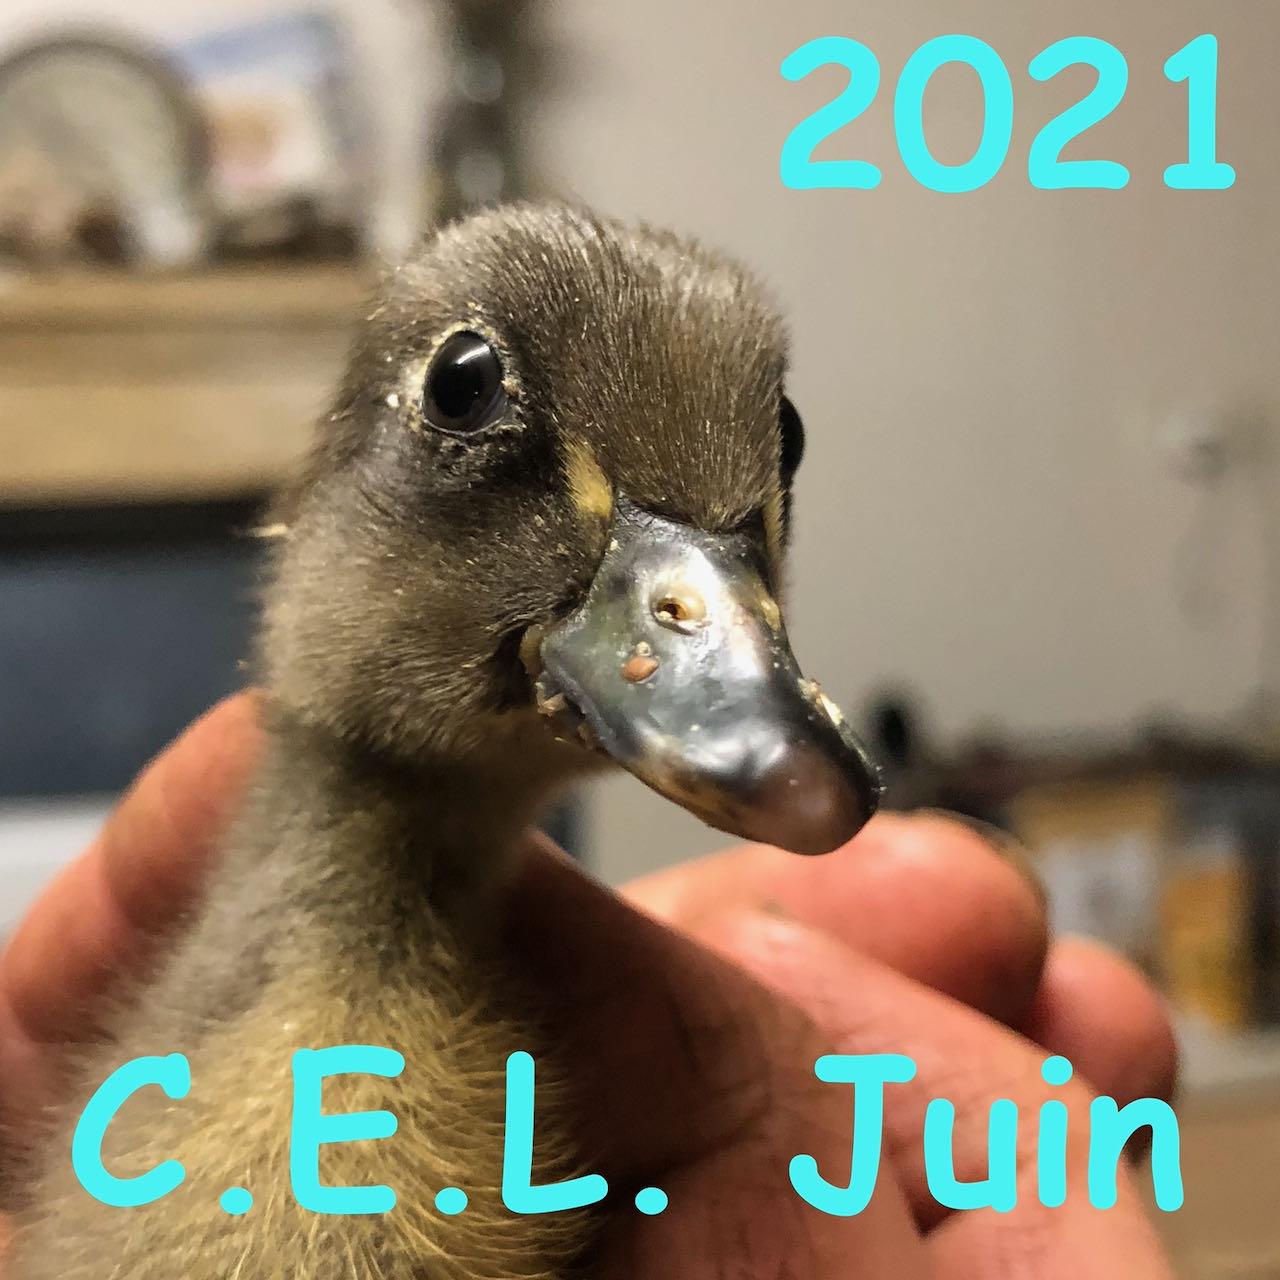 Juin 2021 🤩